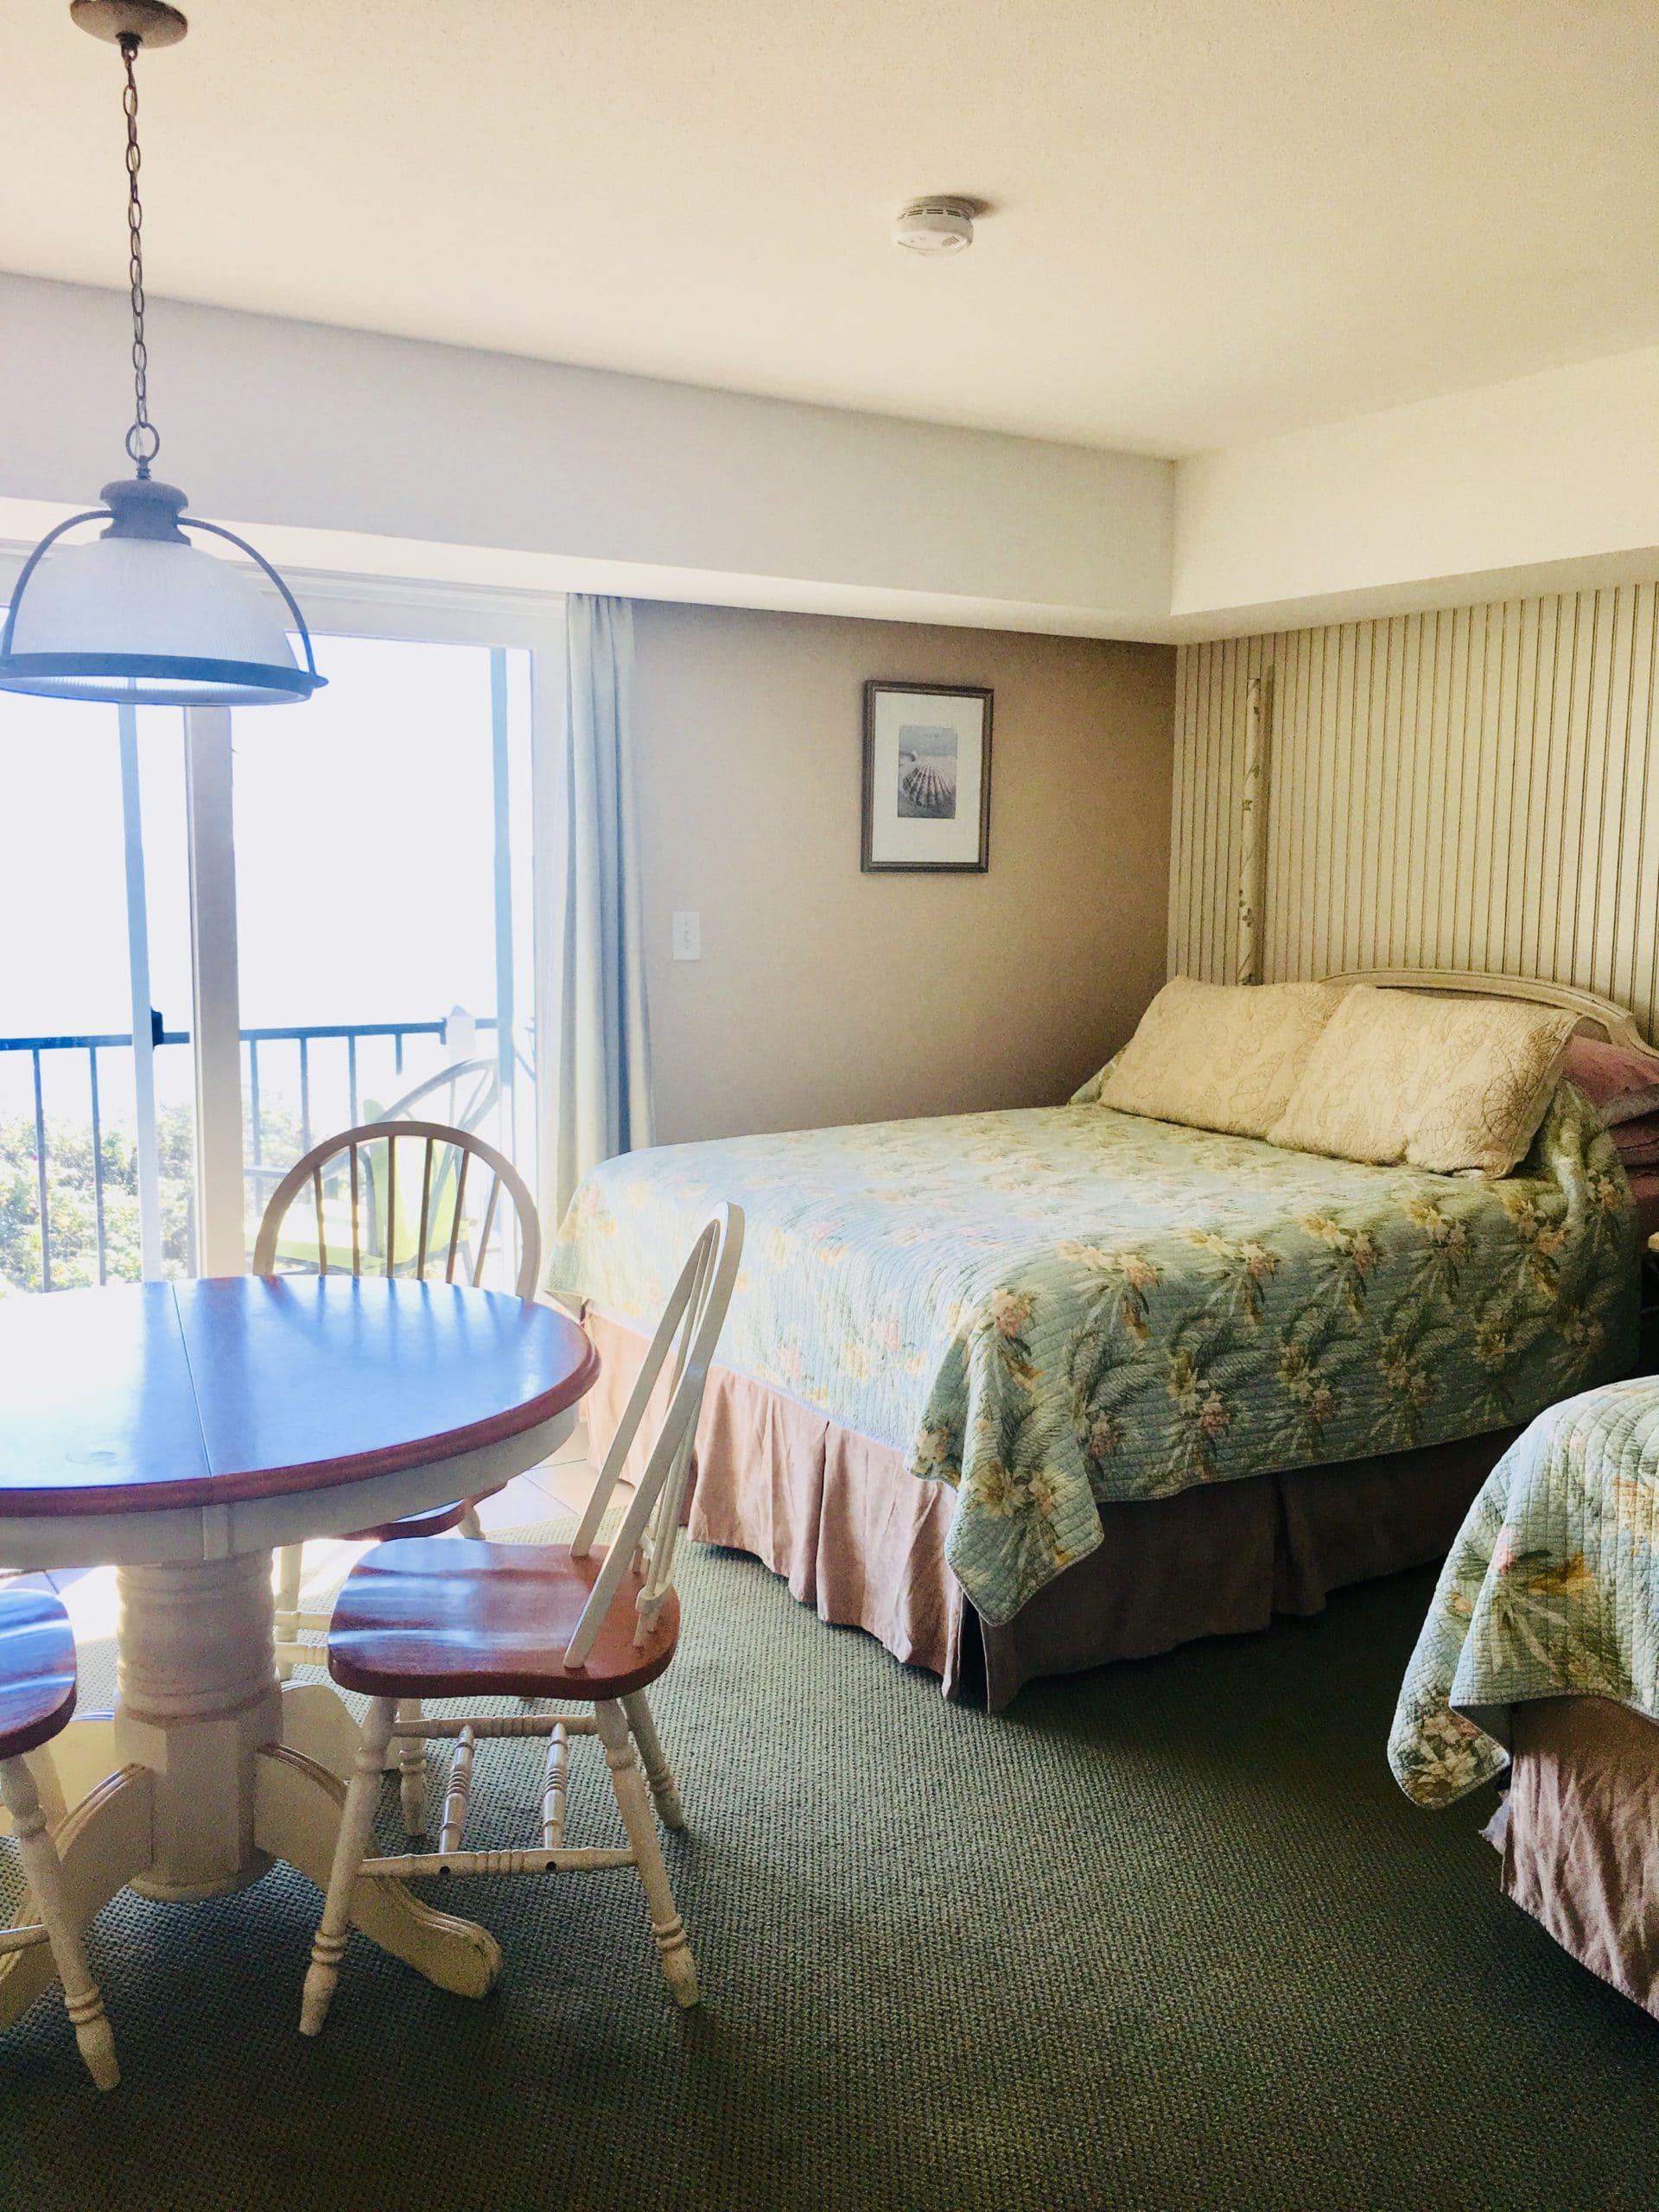 Room #33